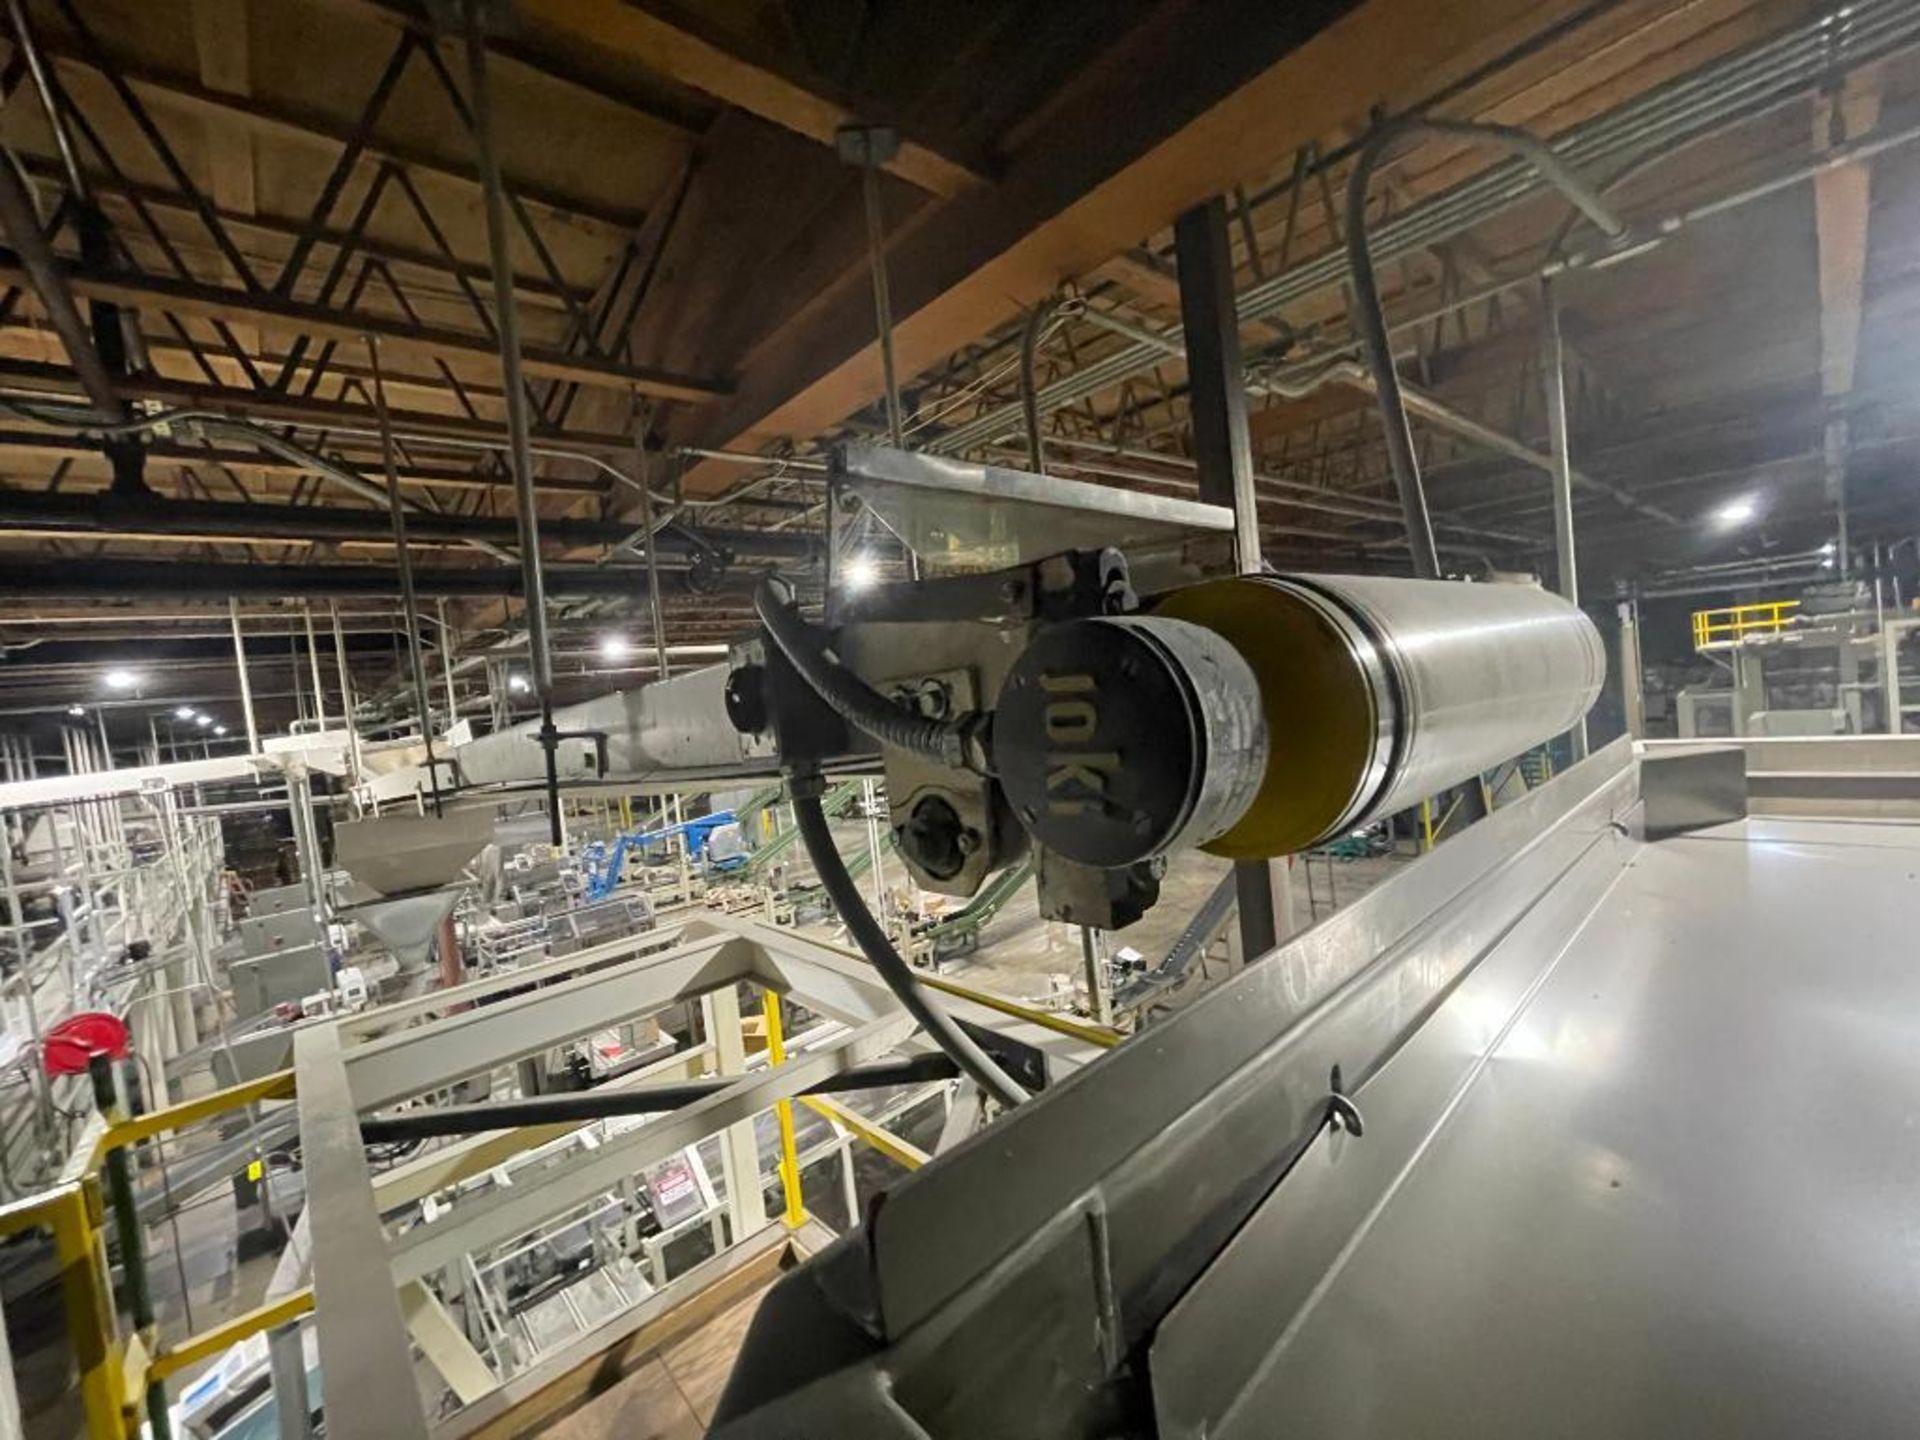 mild steel overhead belt conveyor - Image 2 of 10